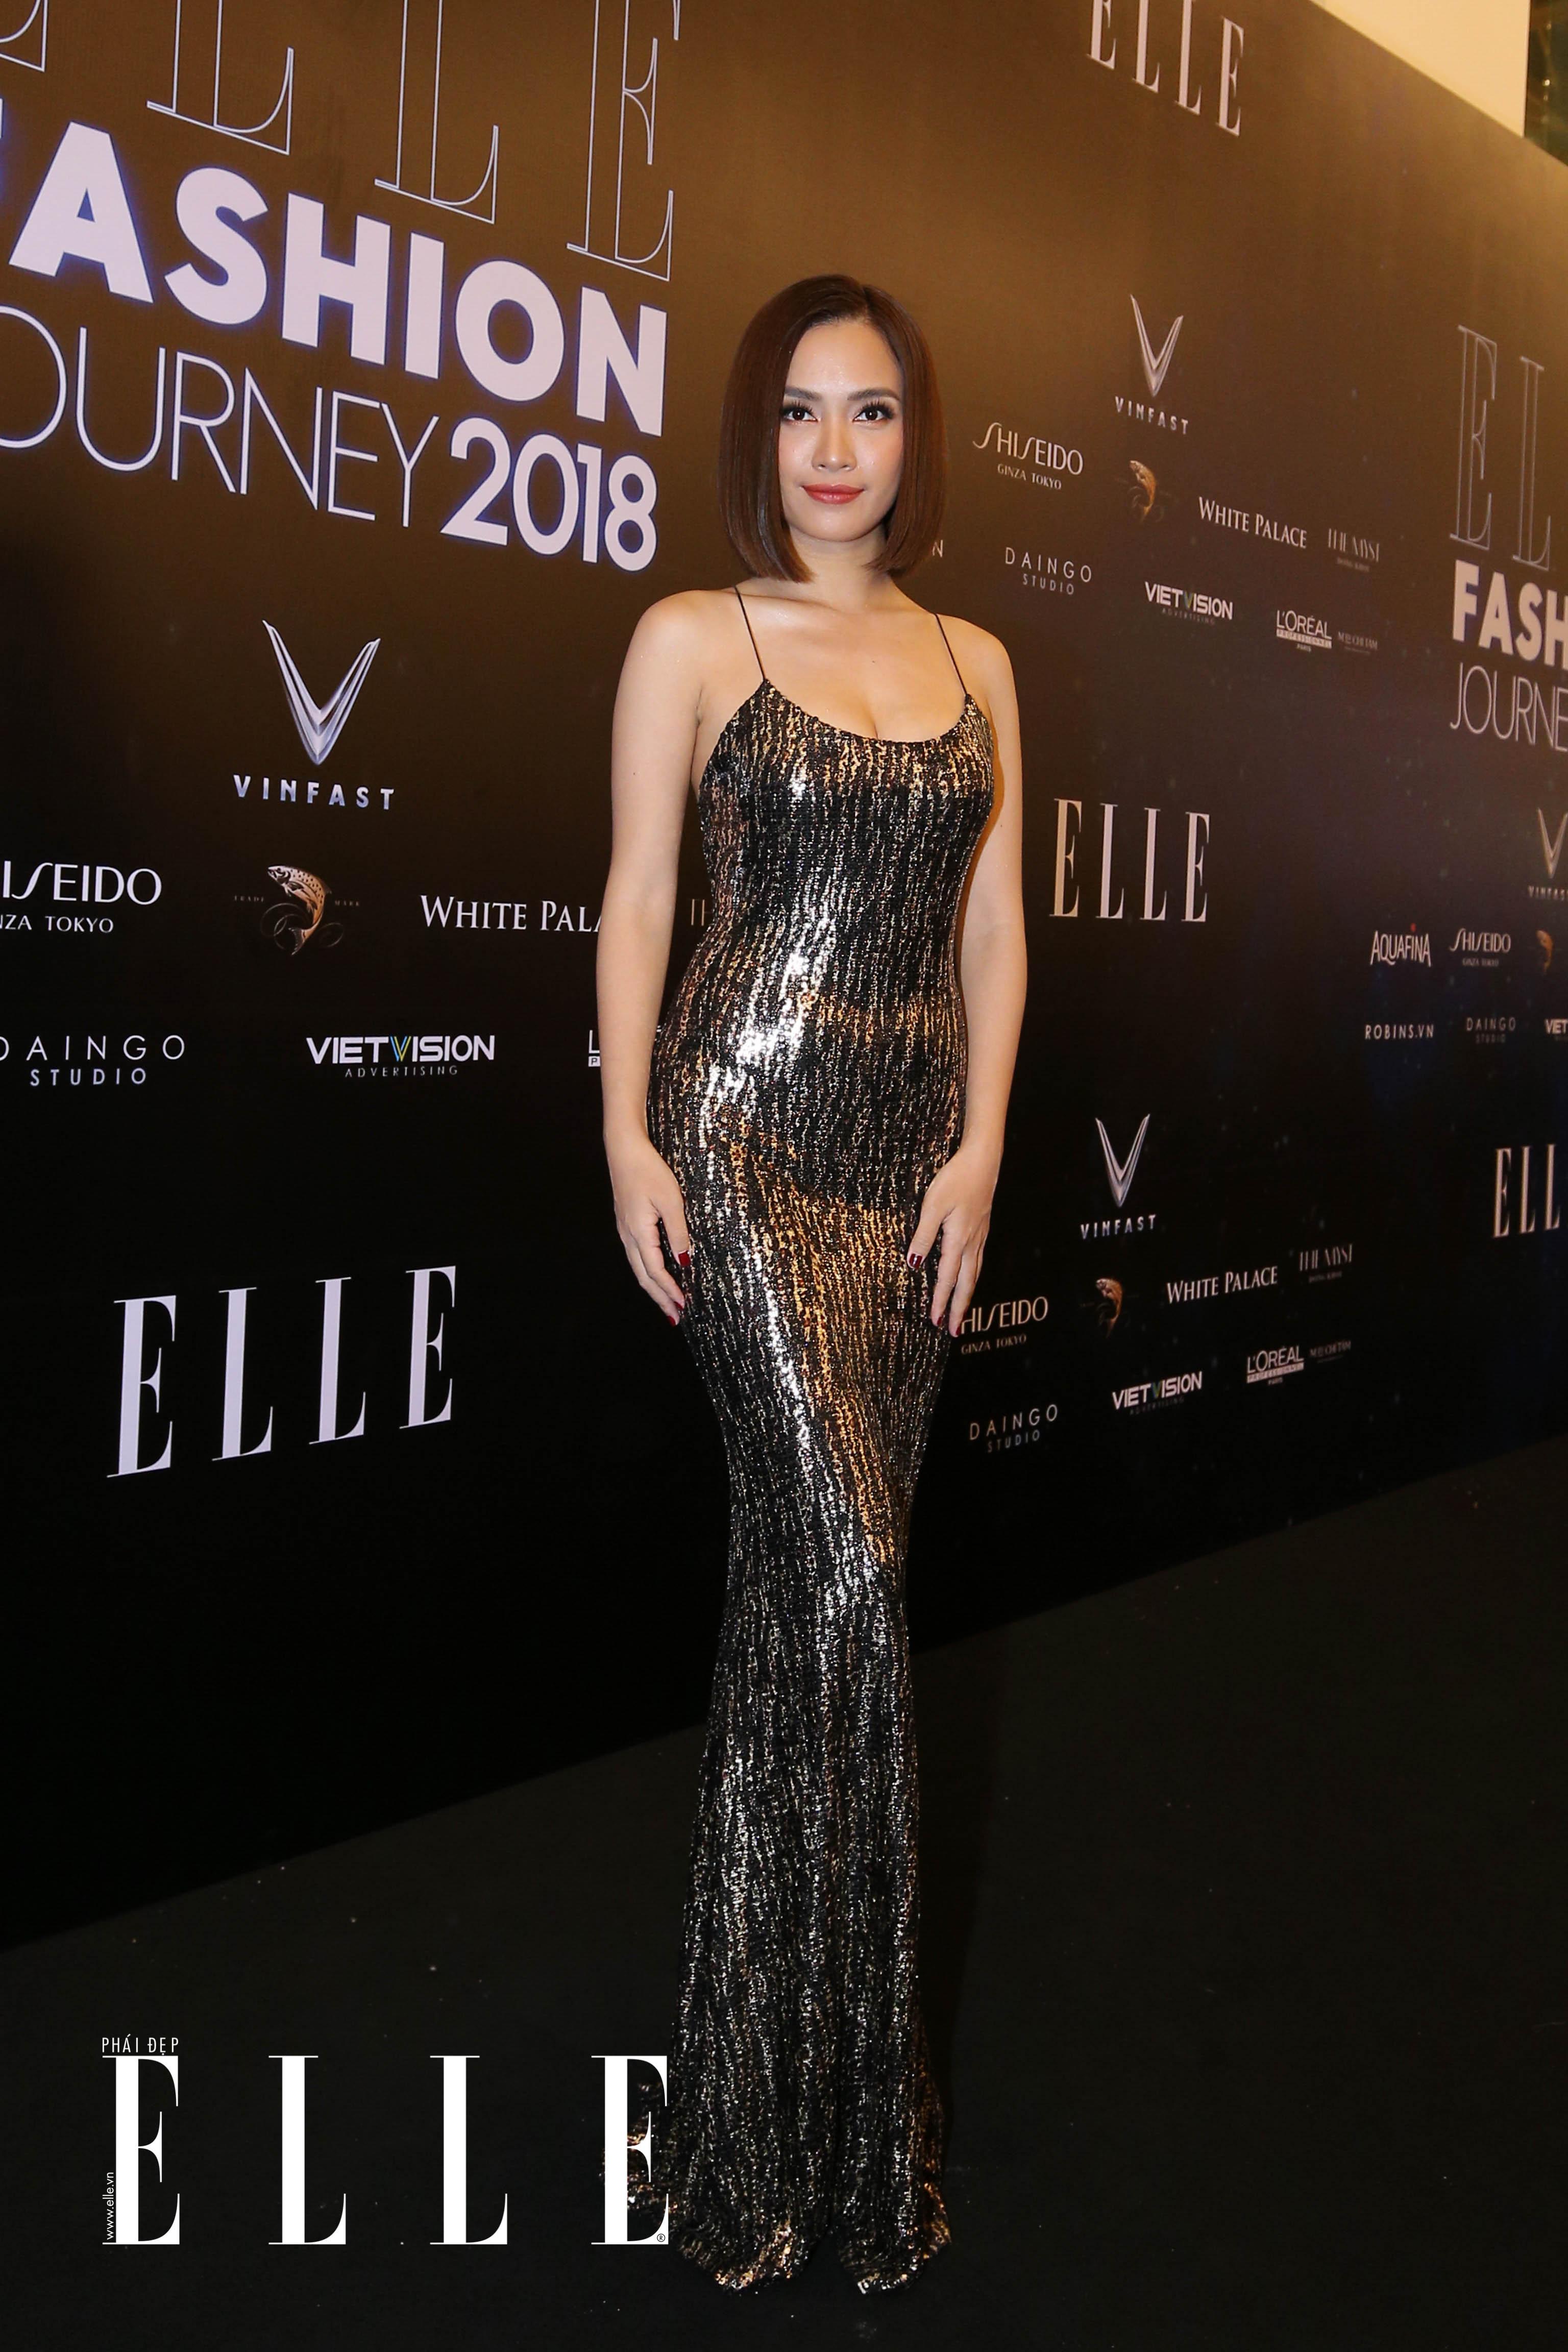 BL8Q6188 Mỹ Tâm, Thanh Hằng cùng dàn sao rạng rỡ trên thảm đỏ ELLE Fashion Journey 2018